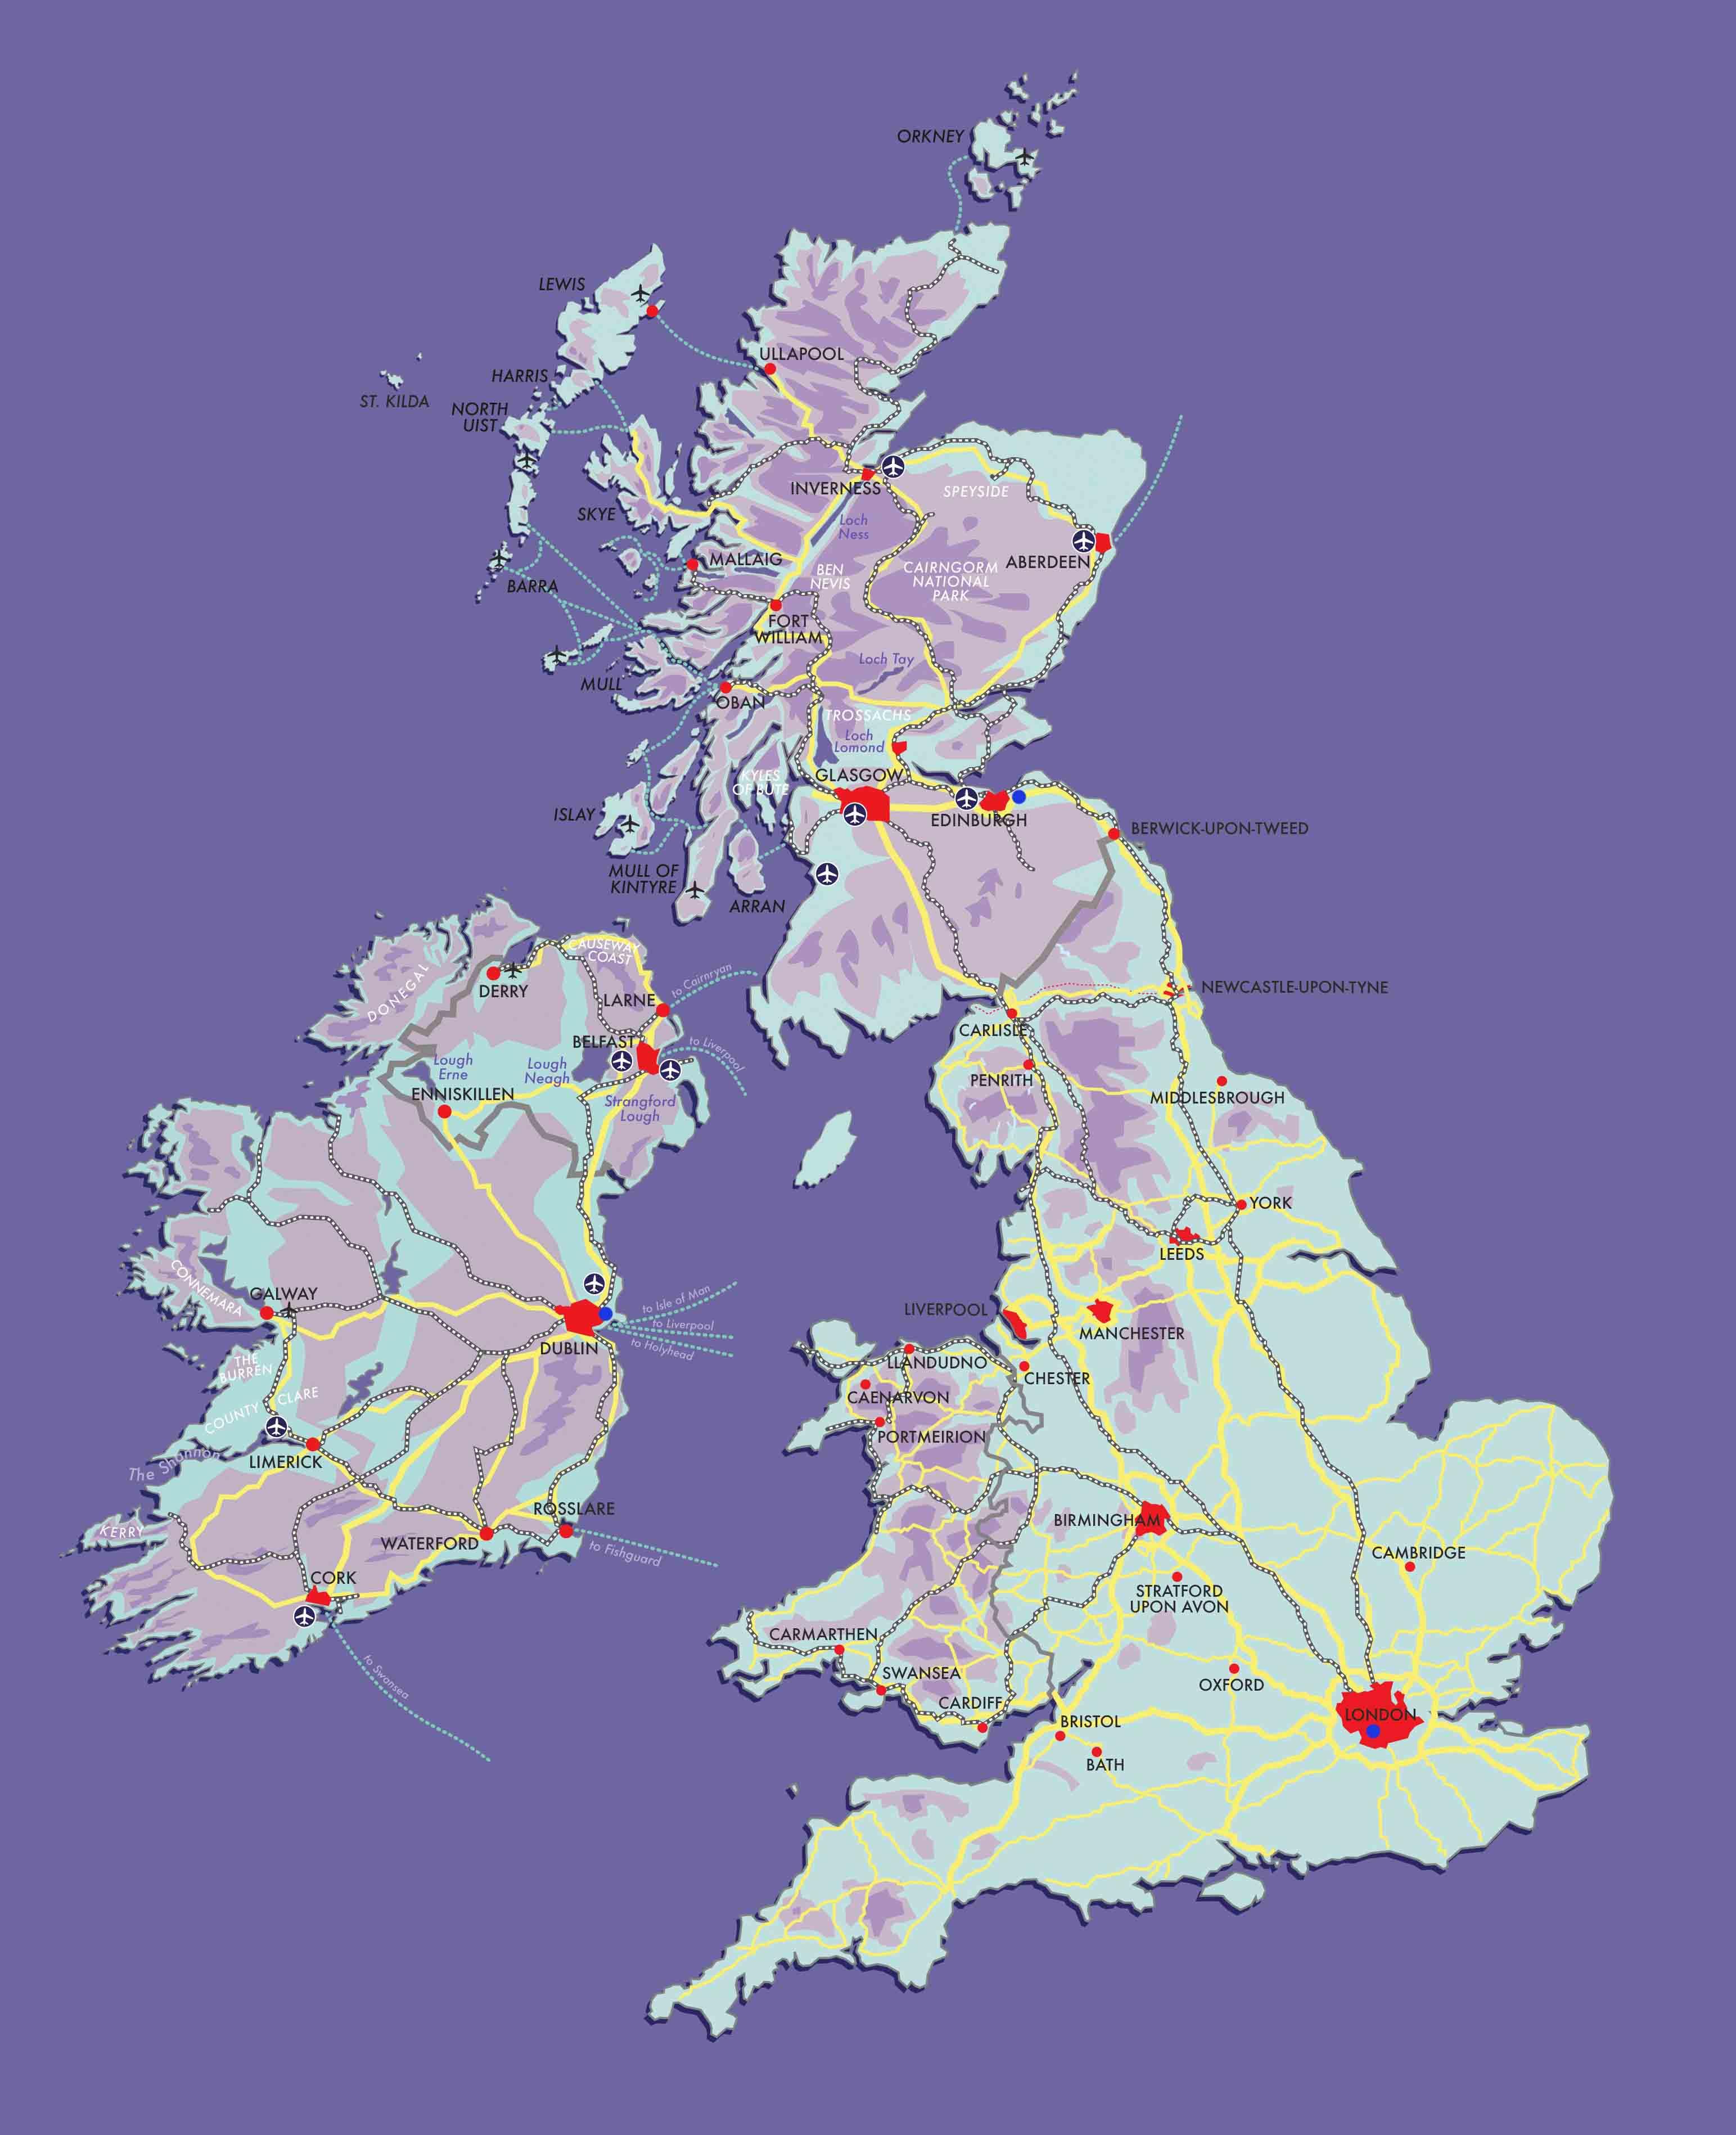 London, Dublin & Edinburgh